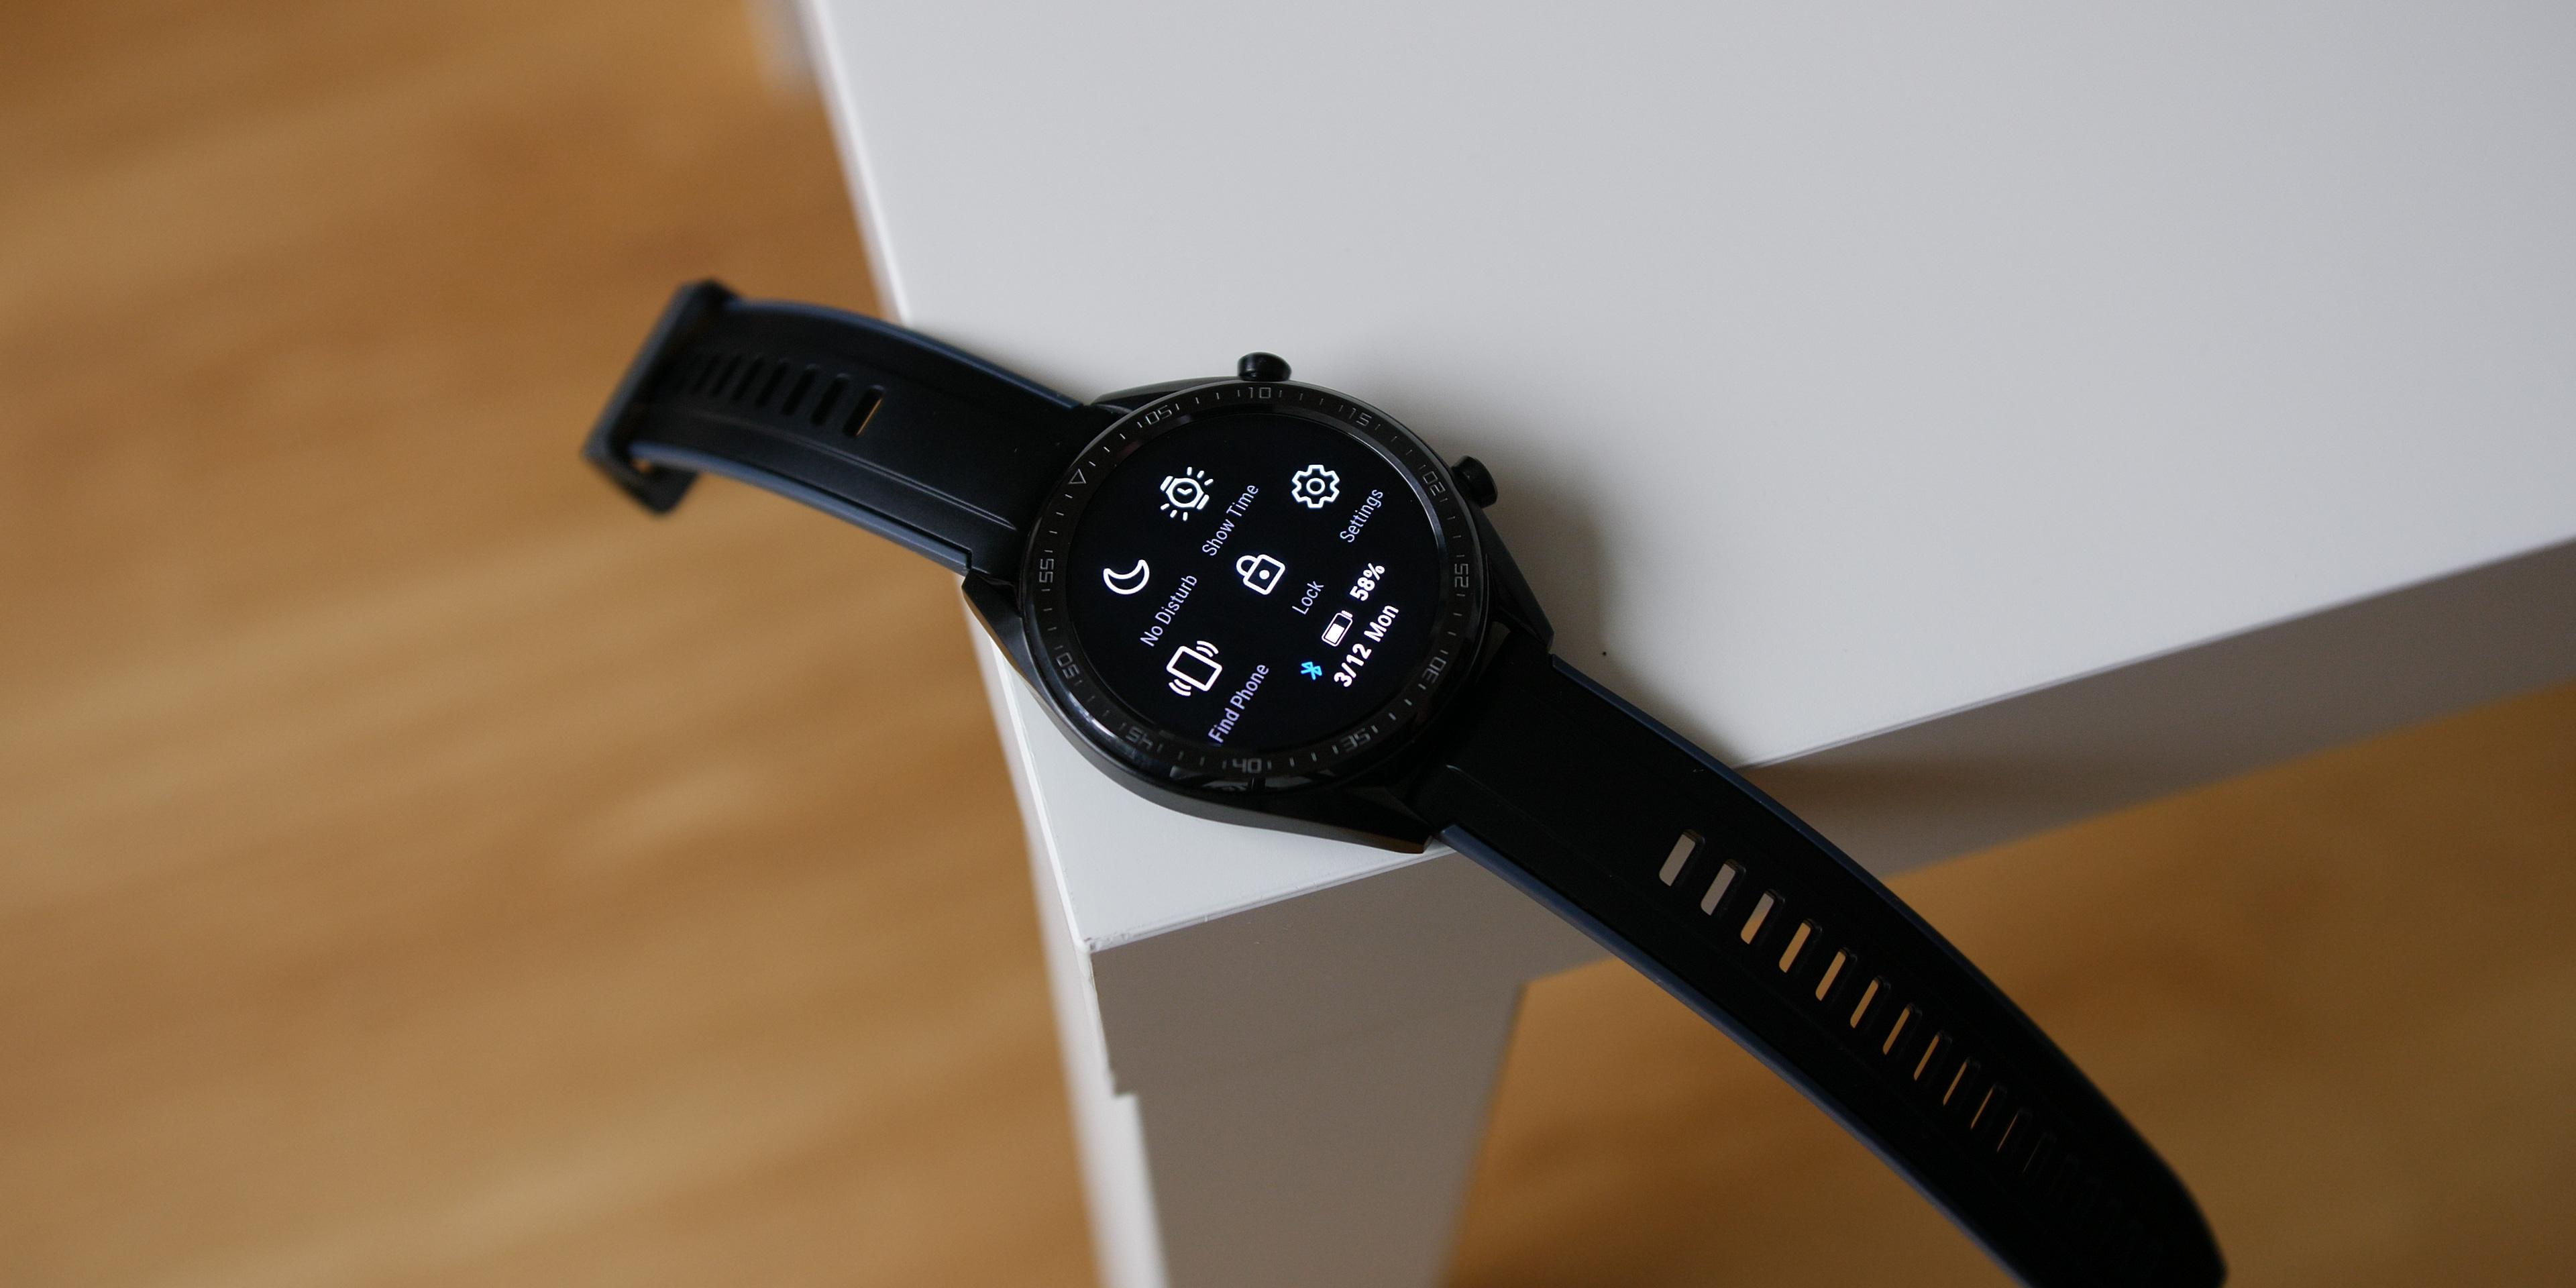 Huawei Watch GT software